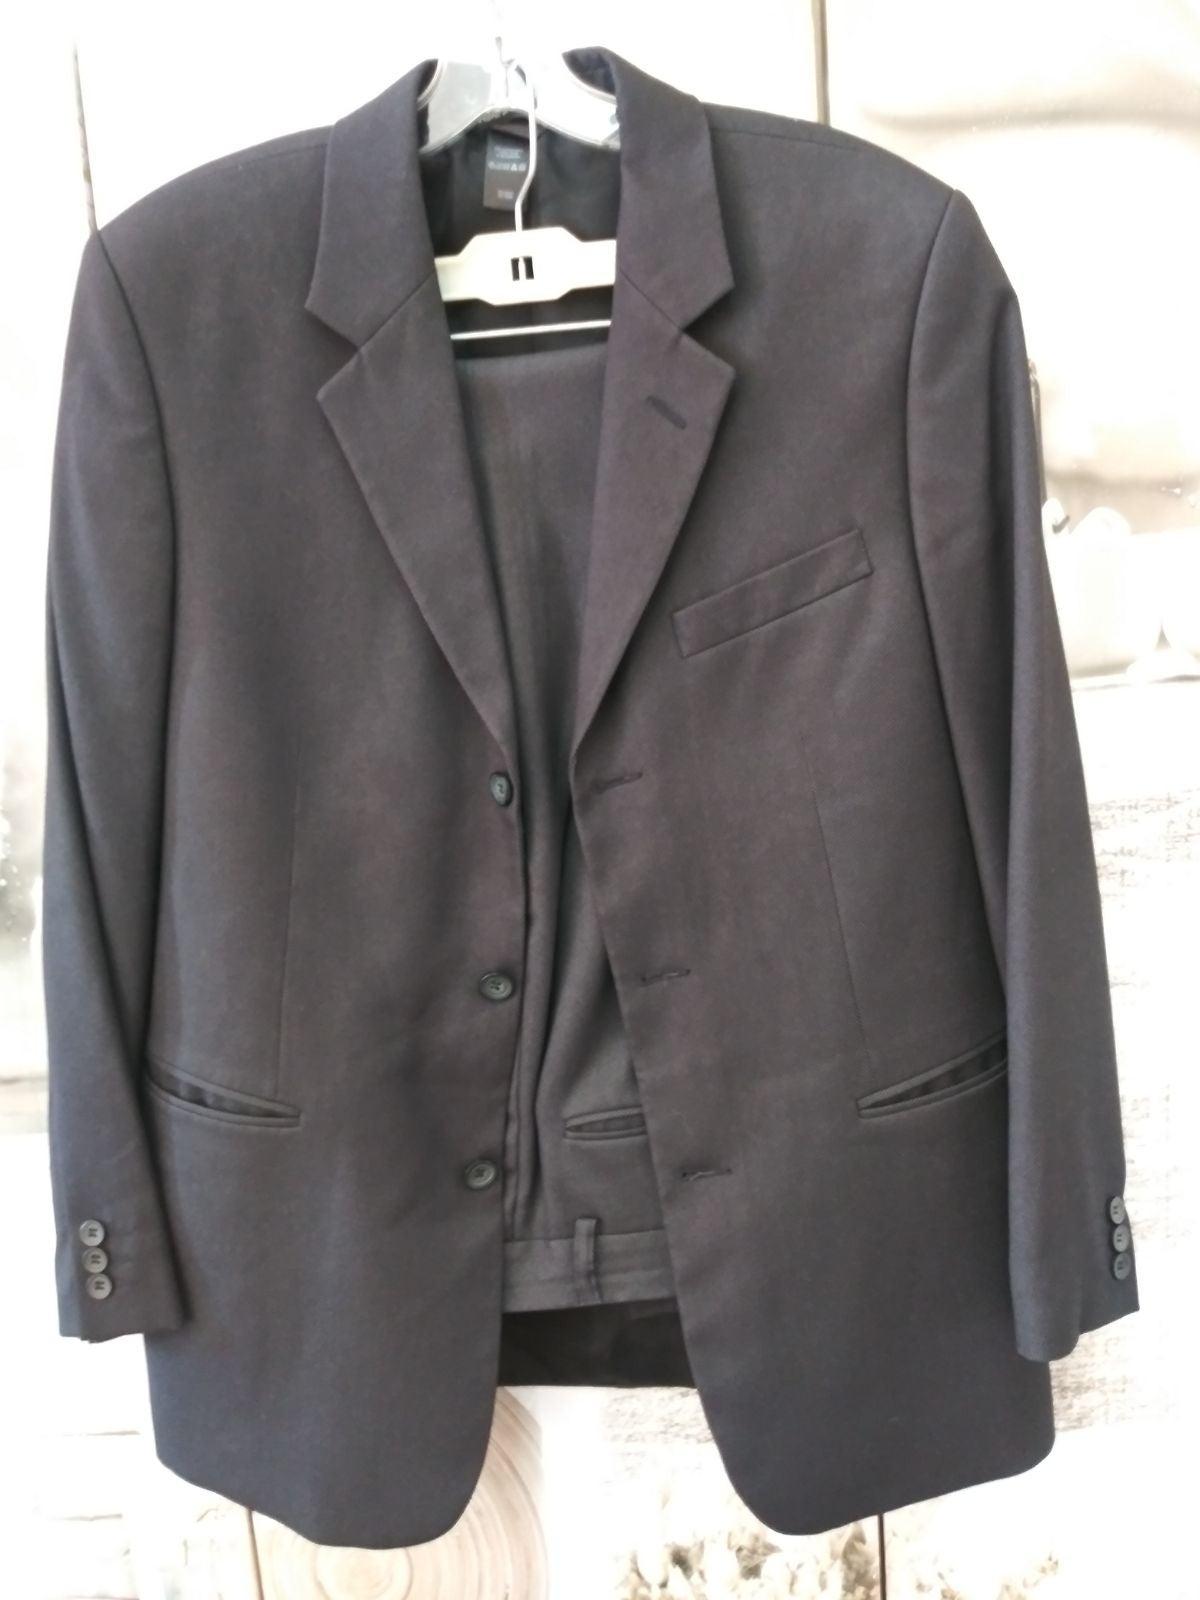 Three Botton Suit by Claiborne Sz. 38S